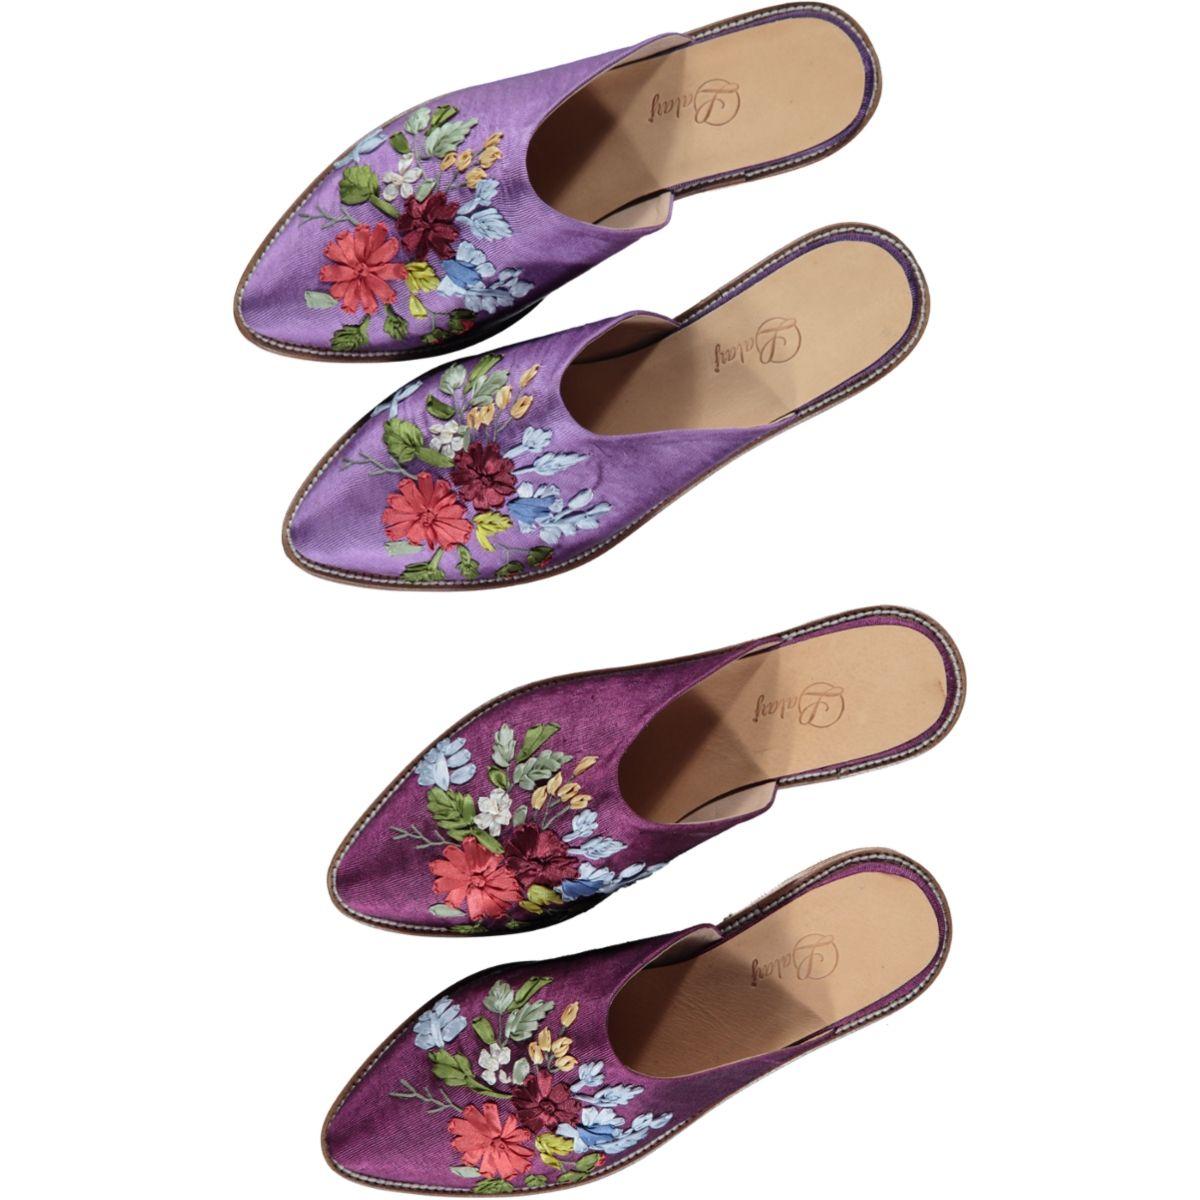 Slipper / Farah / Closed - Lilac